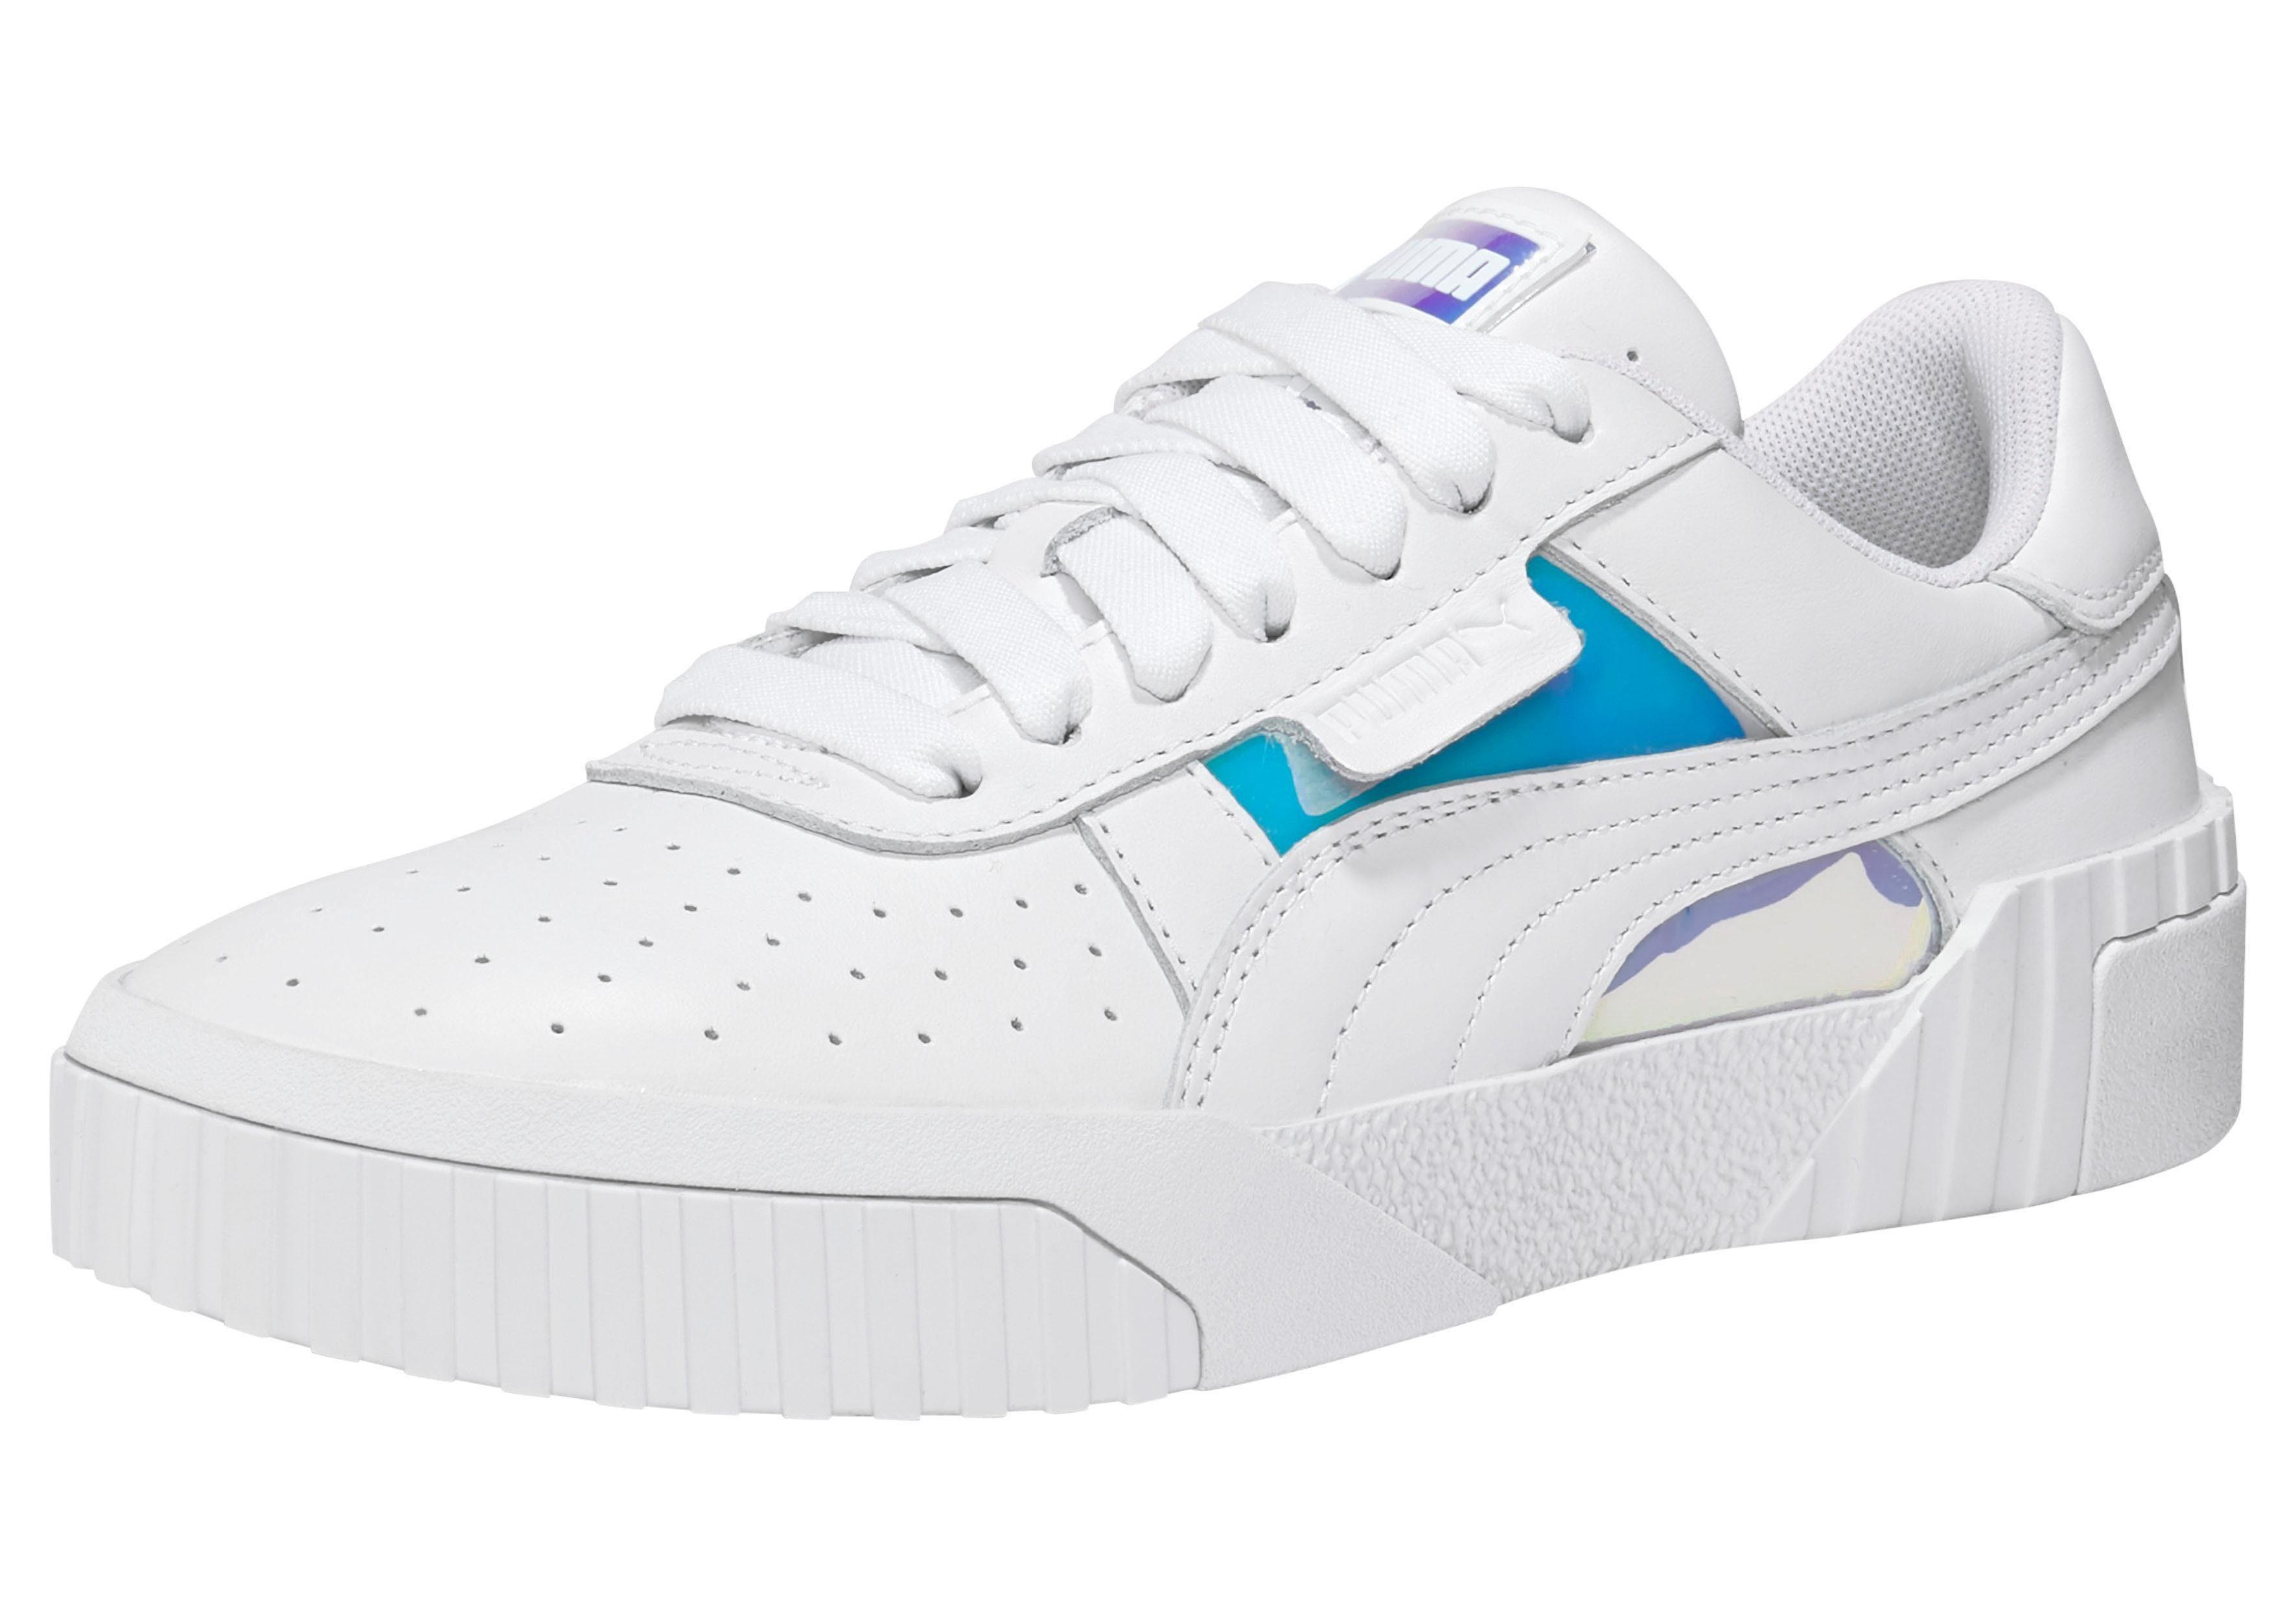 PUMA »Cali Shine Wn's« Sneaker, Stylischer Sneaker von PUMA online kaufen | OTTO